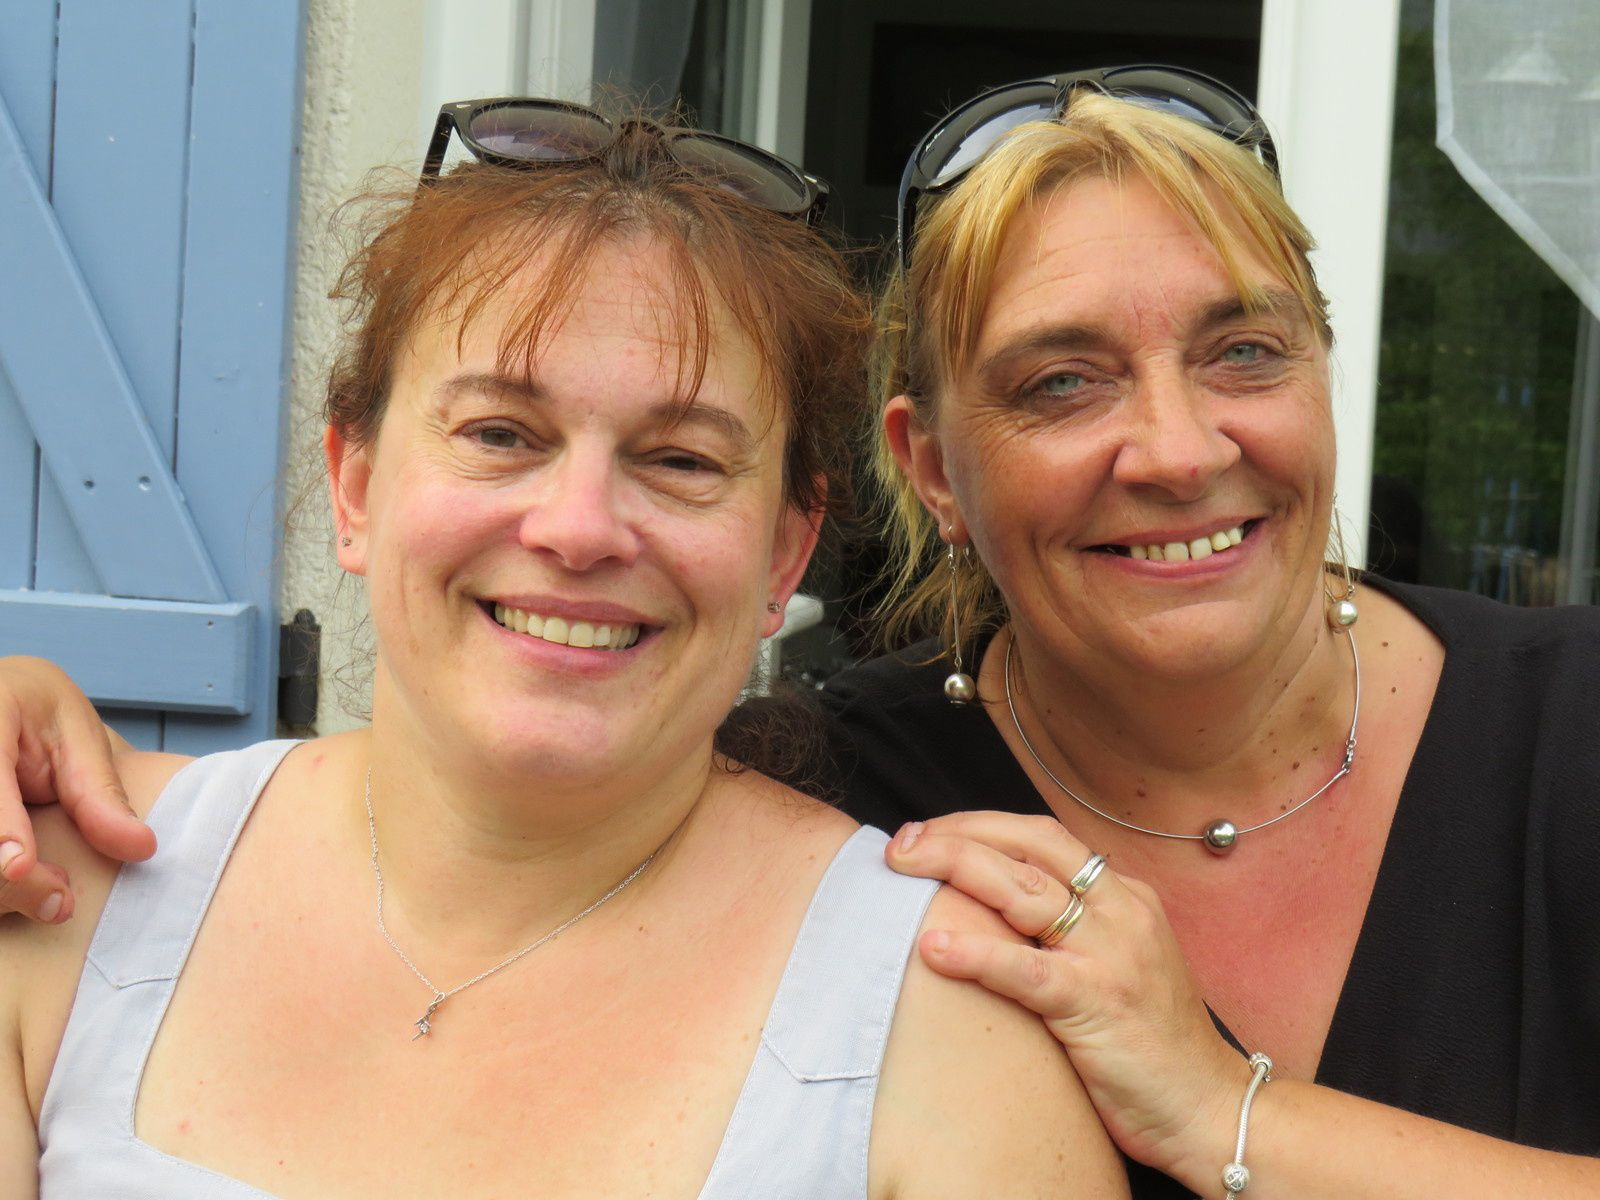 avec ma Valou, mon amie d'enfance depuis 39 ans...malgré la distance (elle habite Toulouse) notre complicité est toujours là....je t'aime ma Valou